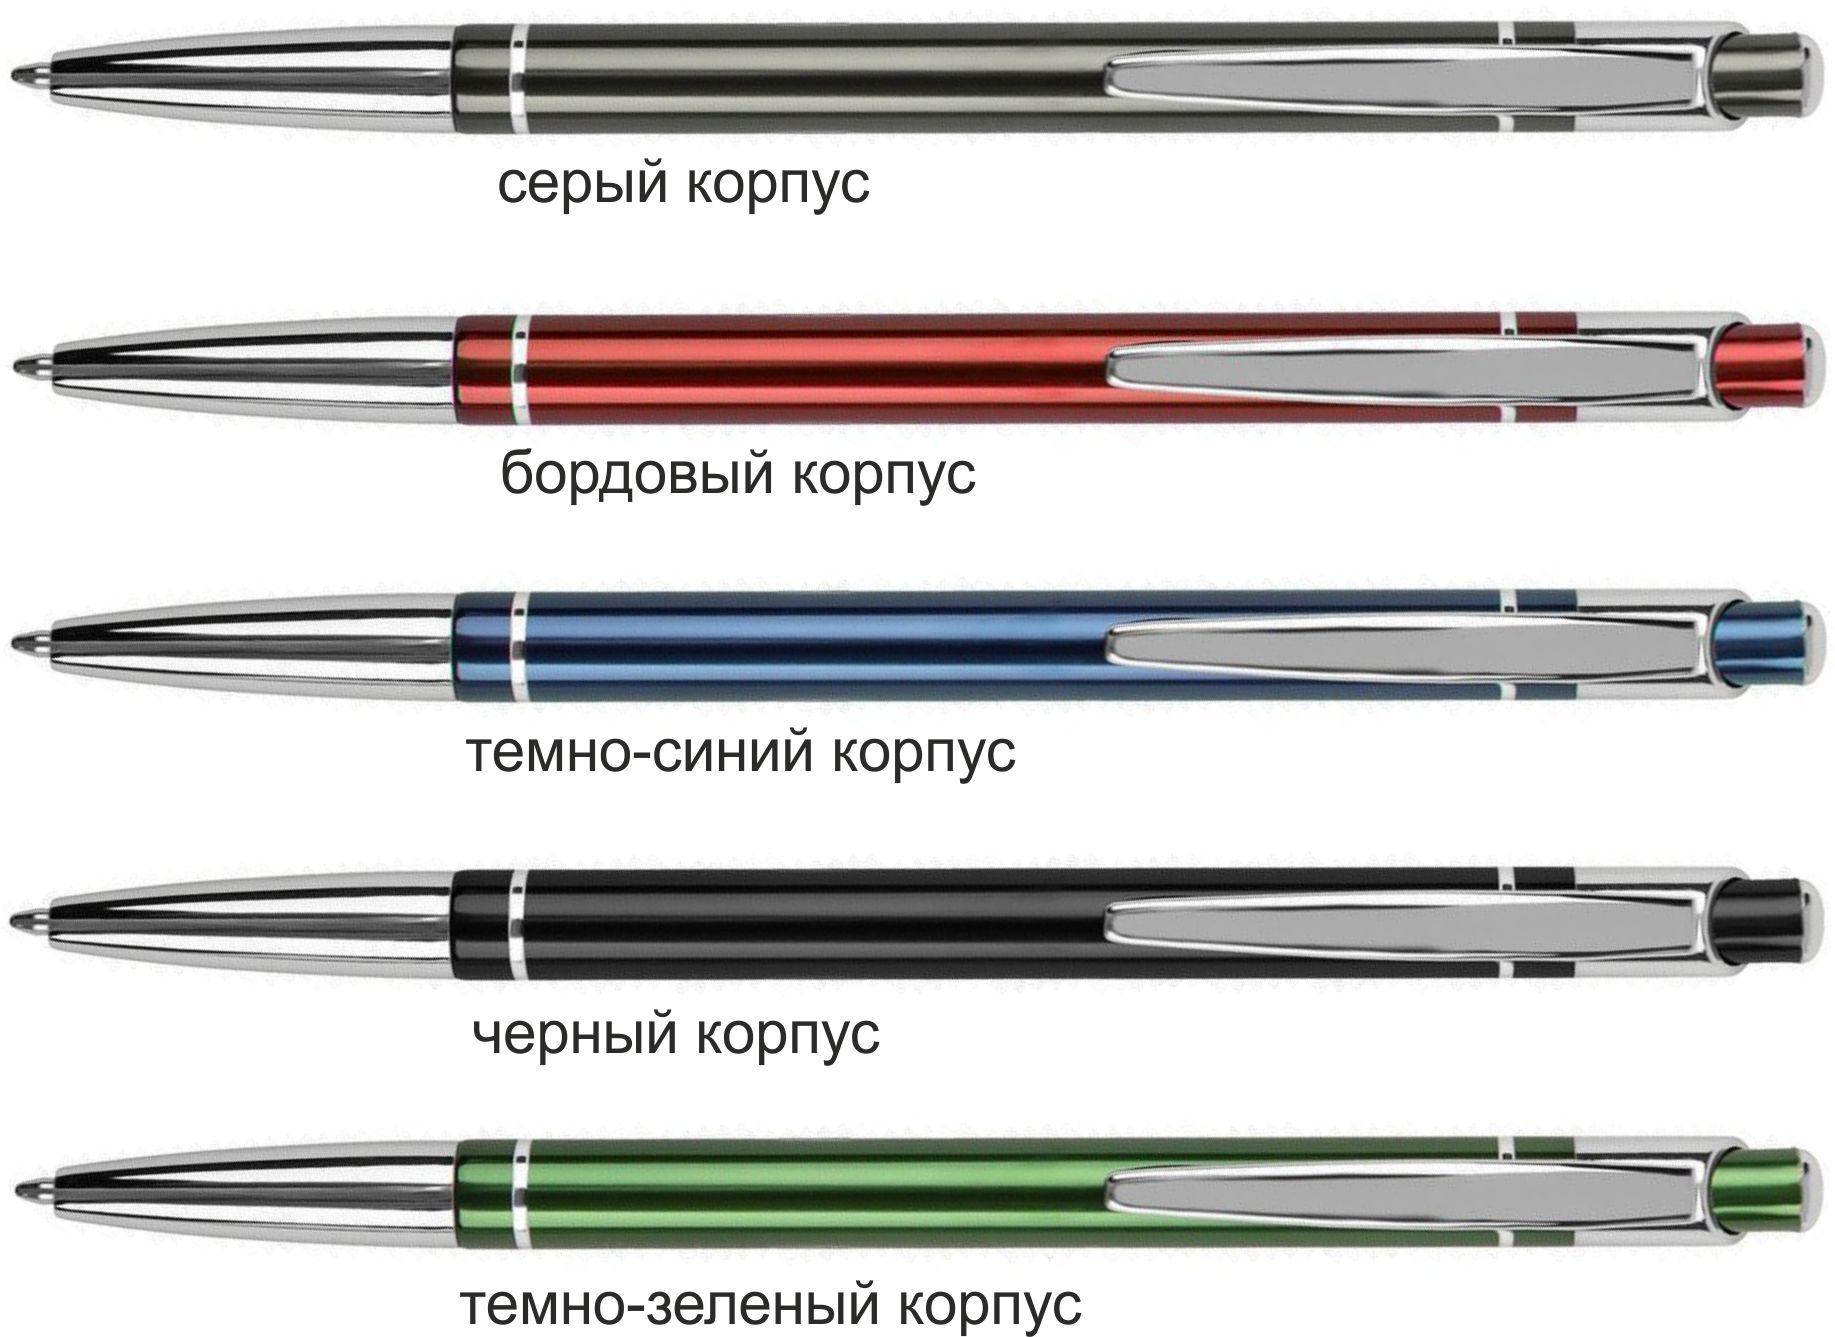 ручки под гравировку оптом в москве